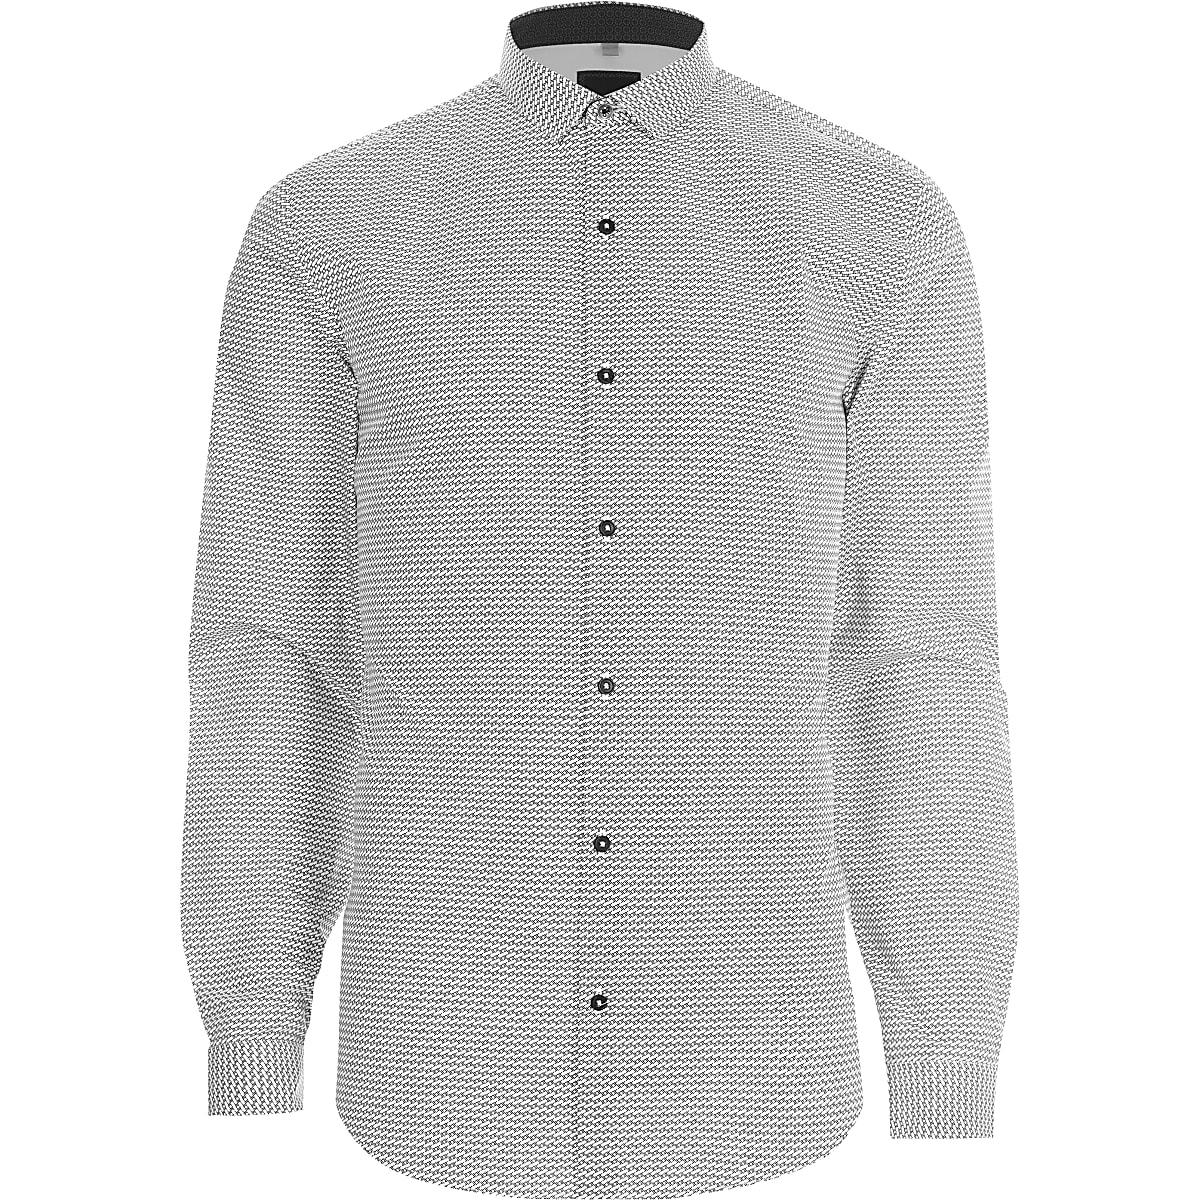 Overhemd Zwart Wit.Zwart Wit Slim Fit Overhemd Met Geoprint Overhemden Met Lange